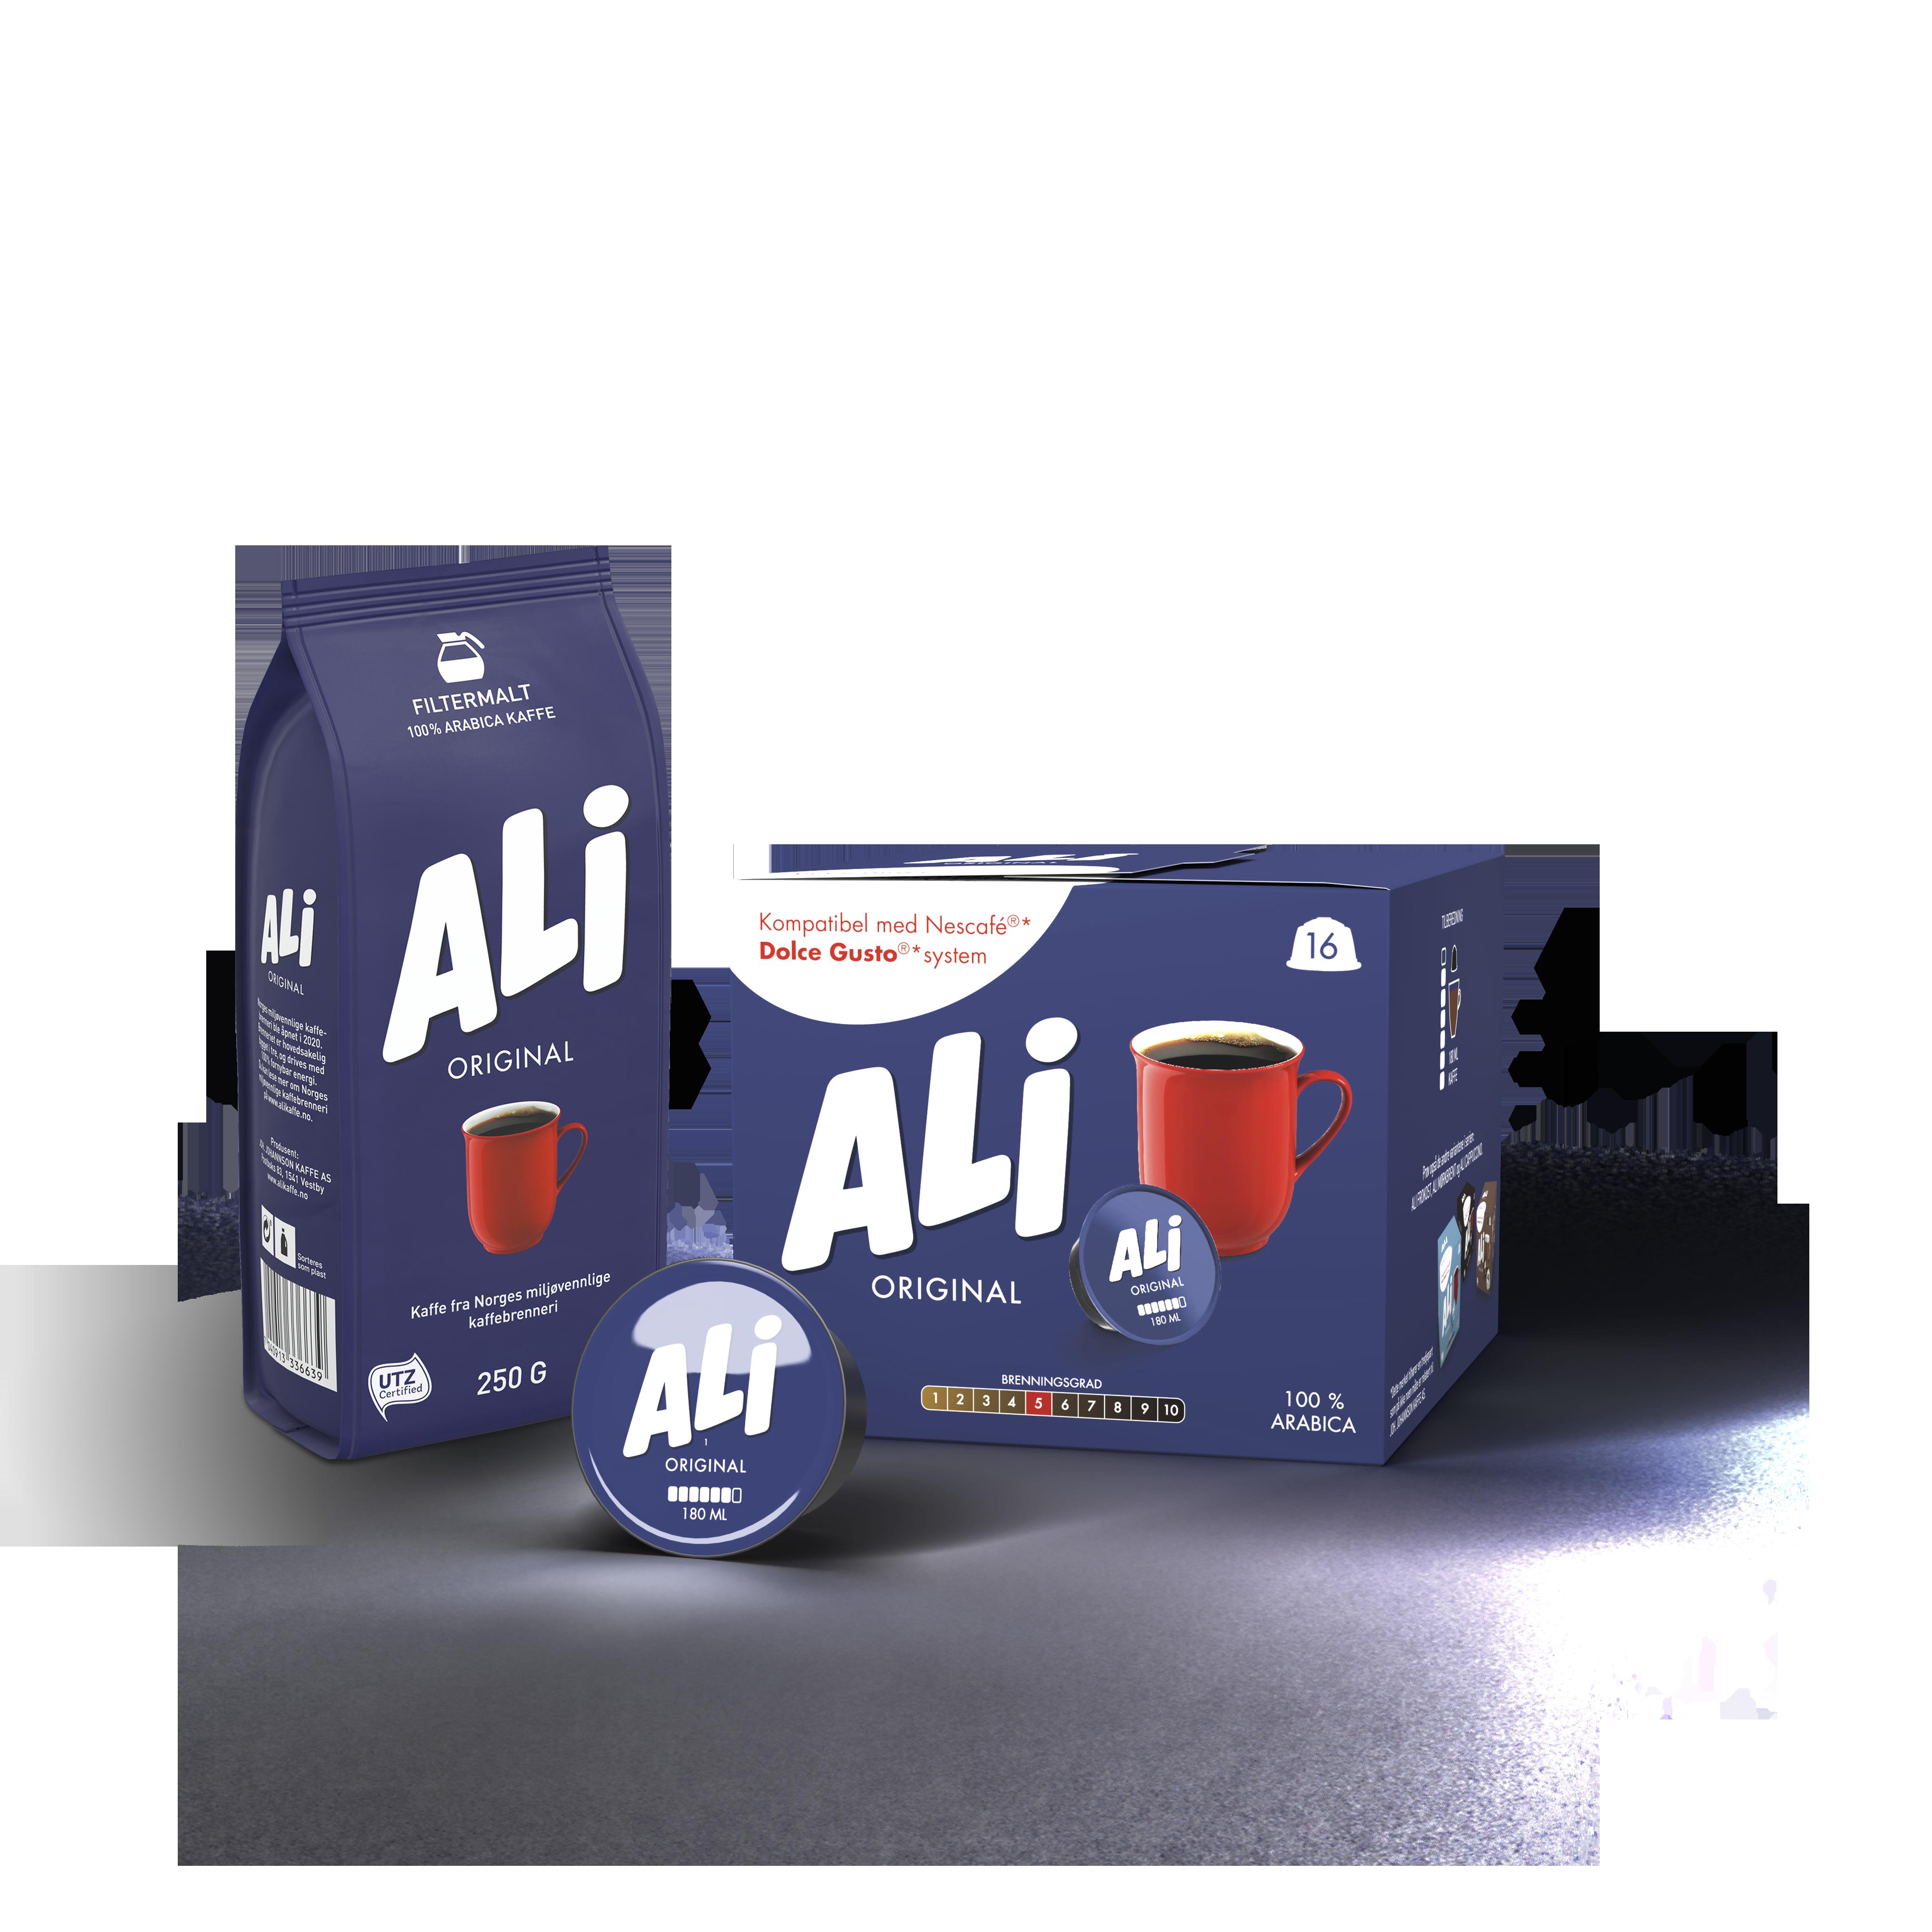 ALI Kaffe kaffepose og boks med kaffekapsler